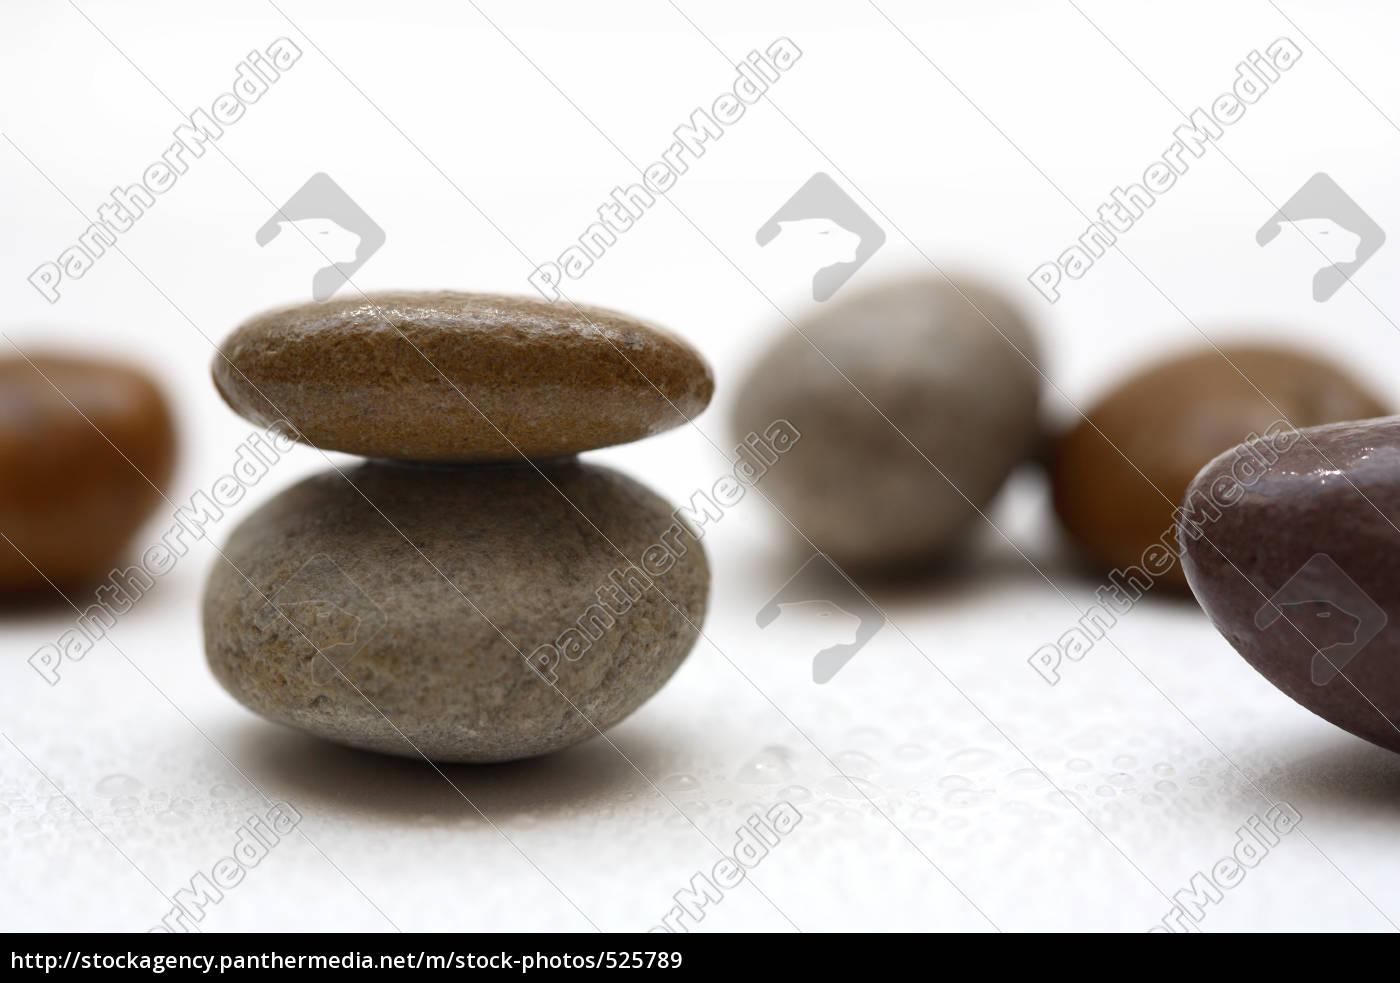 stones - 525789